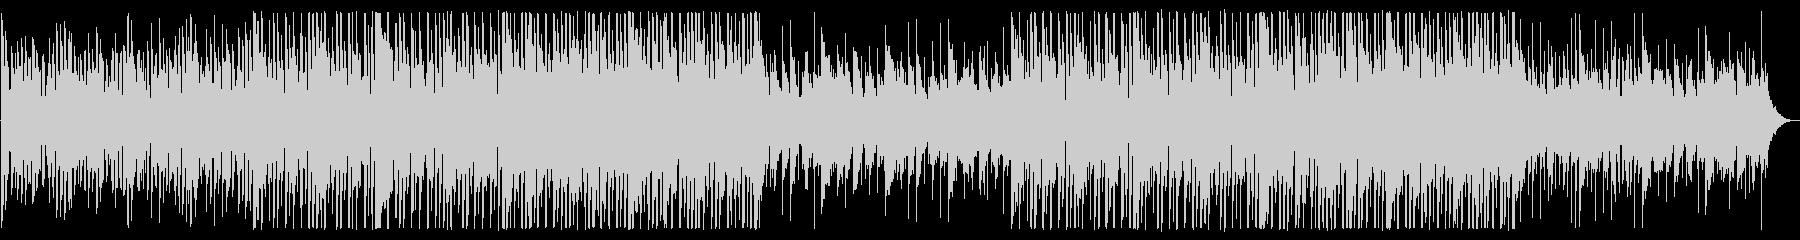 物静か/クール/R&B_No465_1の未再生の波形